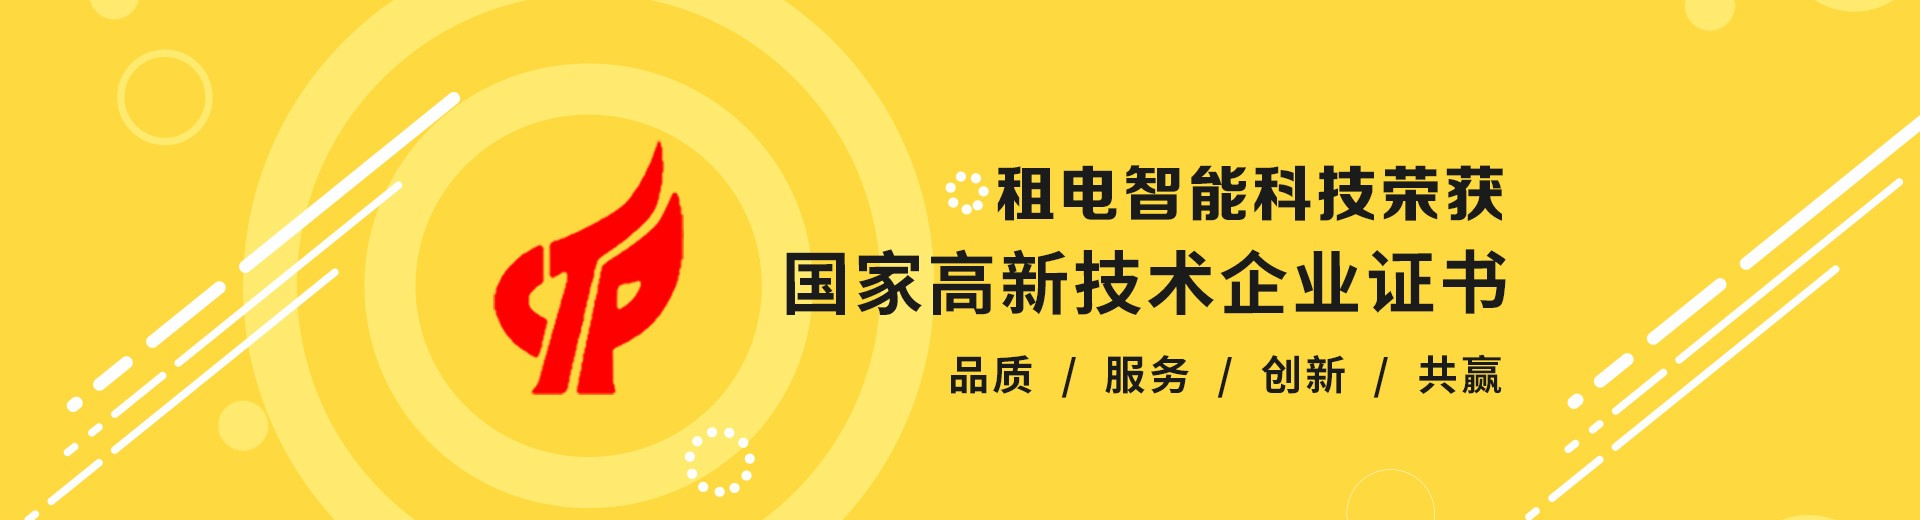 租电高新技术企业认证